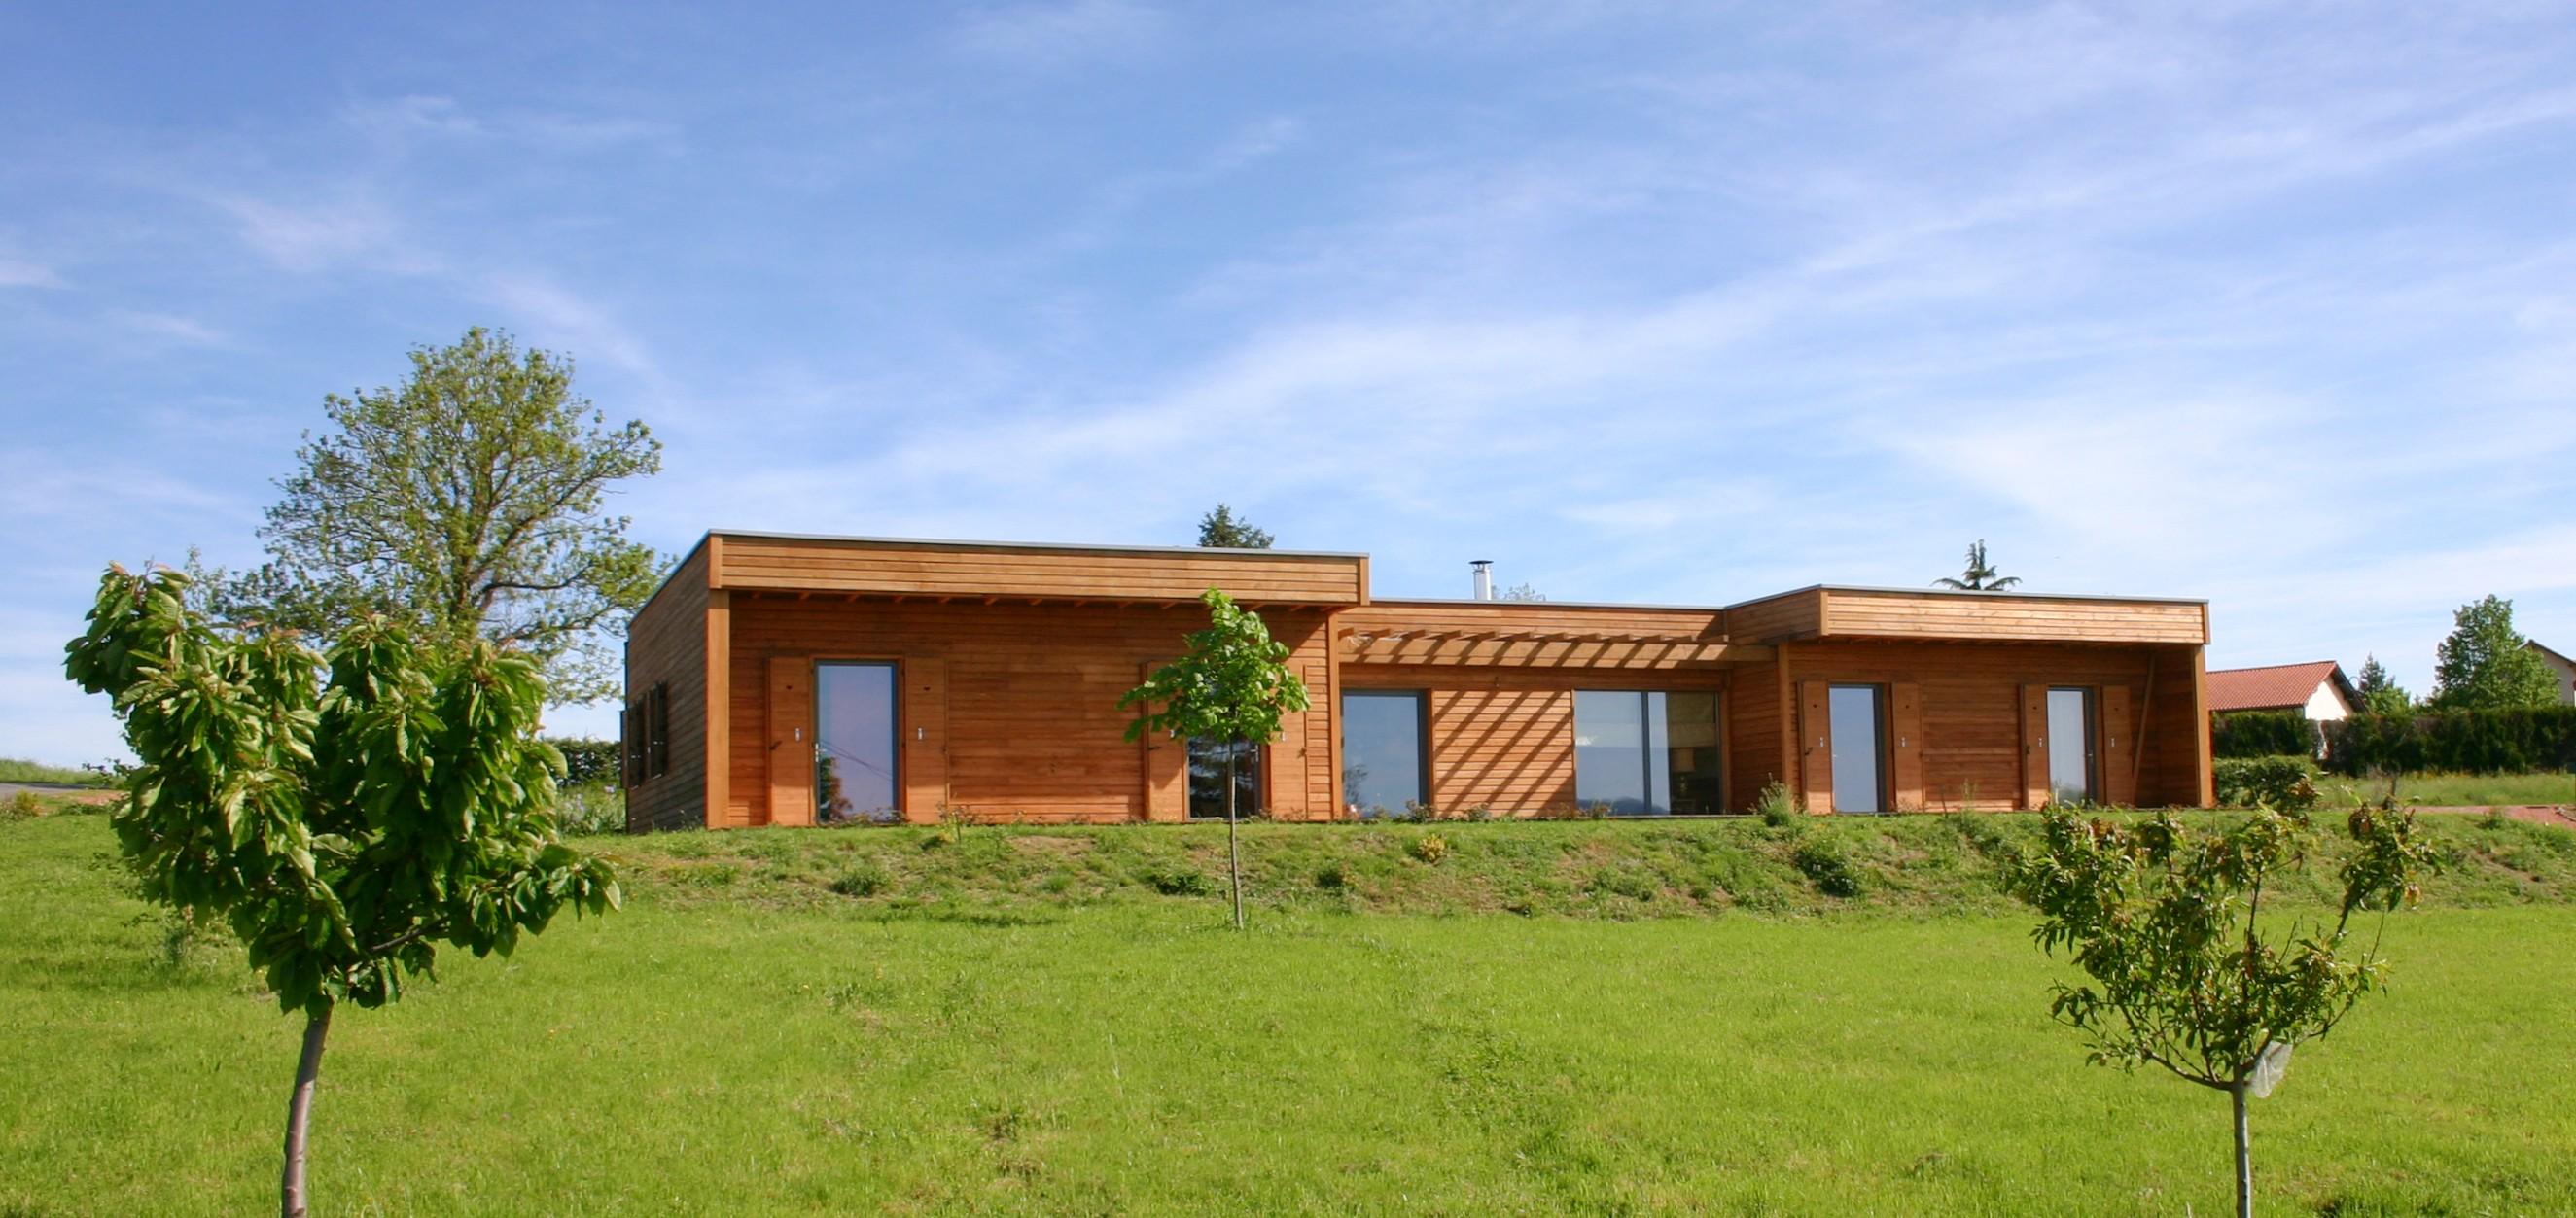 maison 02 ossature bois bottes de paille matthieu dupont de dinechin architecte dplg. Black Bedroom Furniture Sets. Home Design Ideas